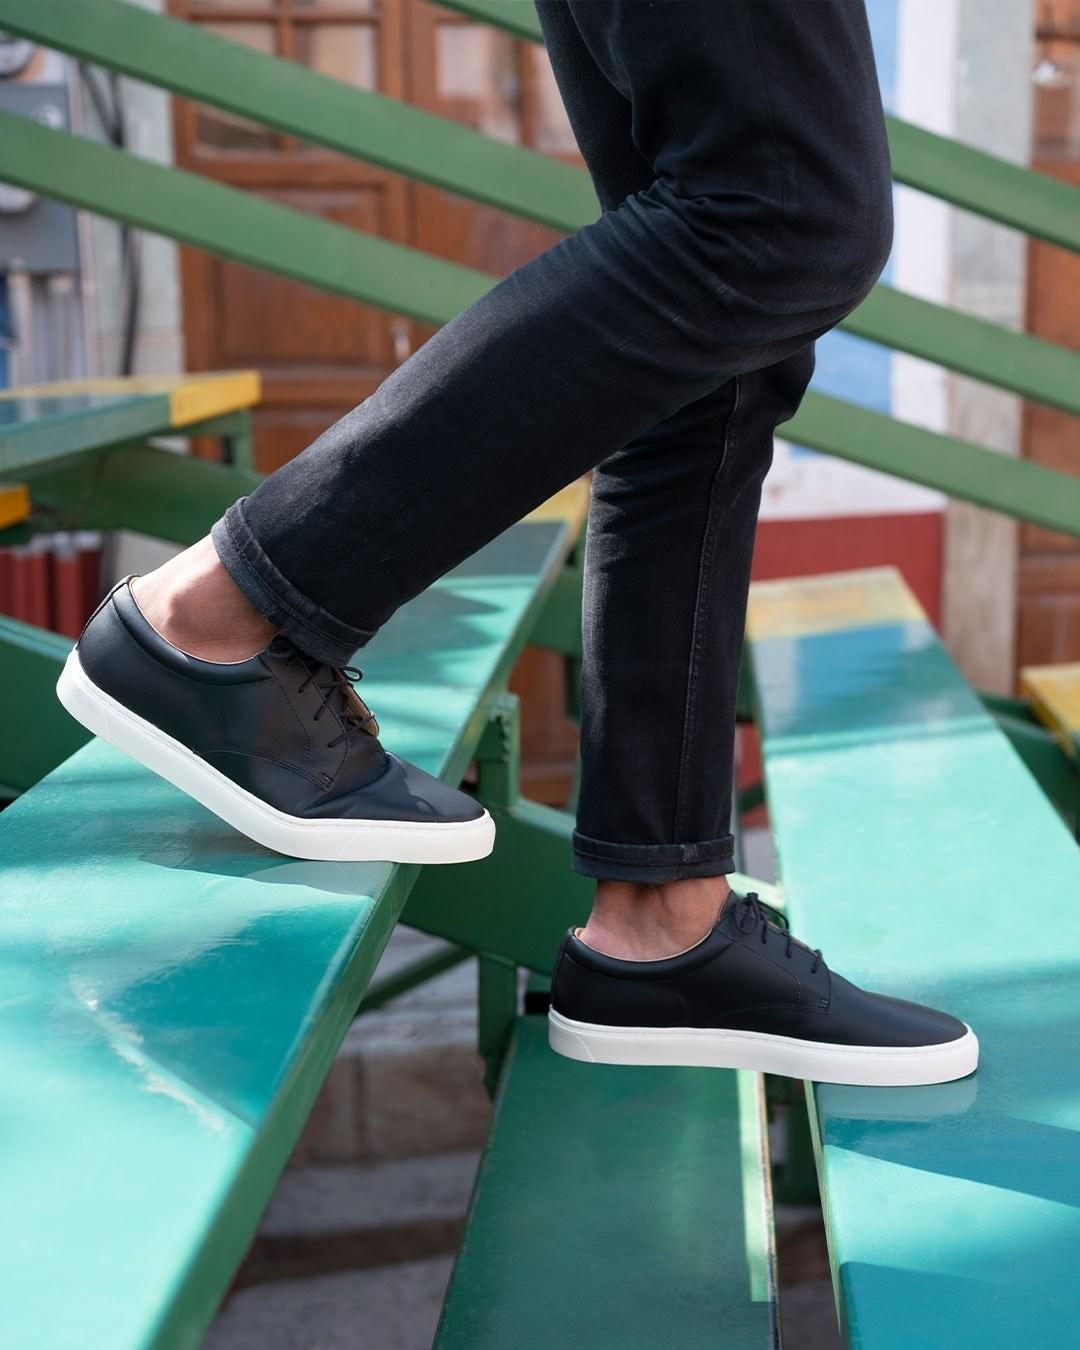 Nisolo's low top sneaker in black